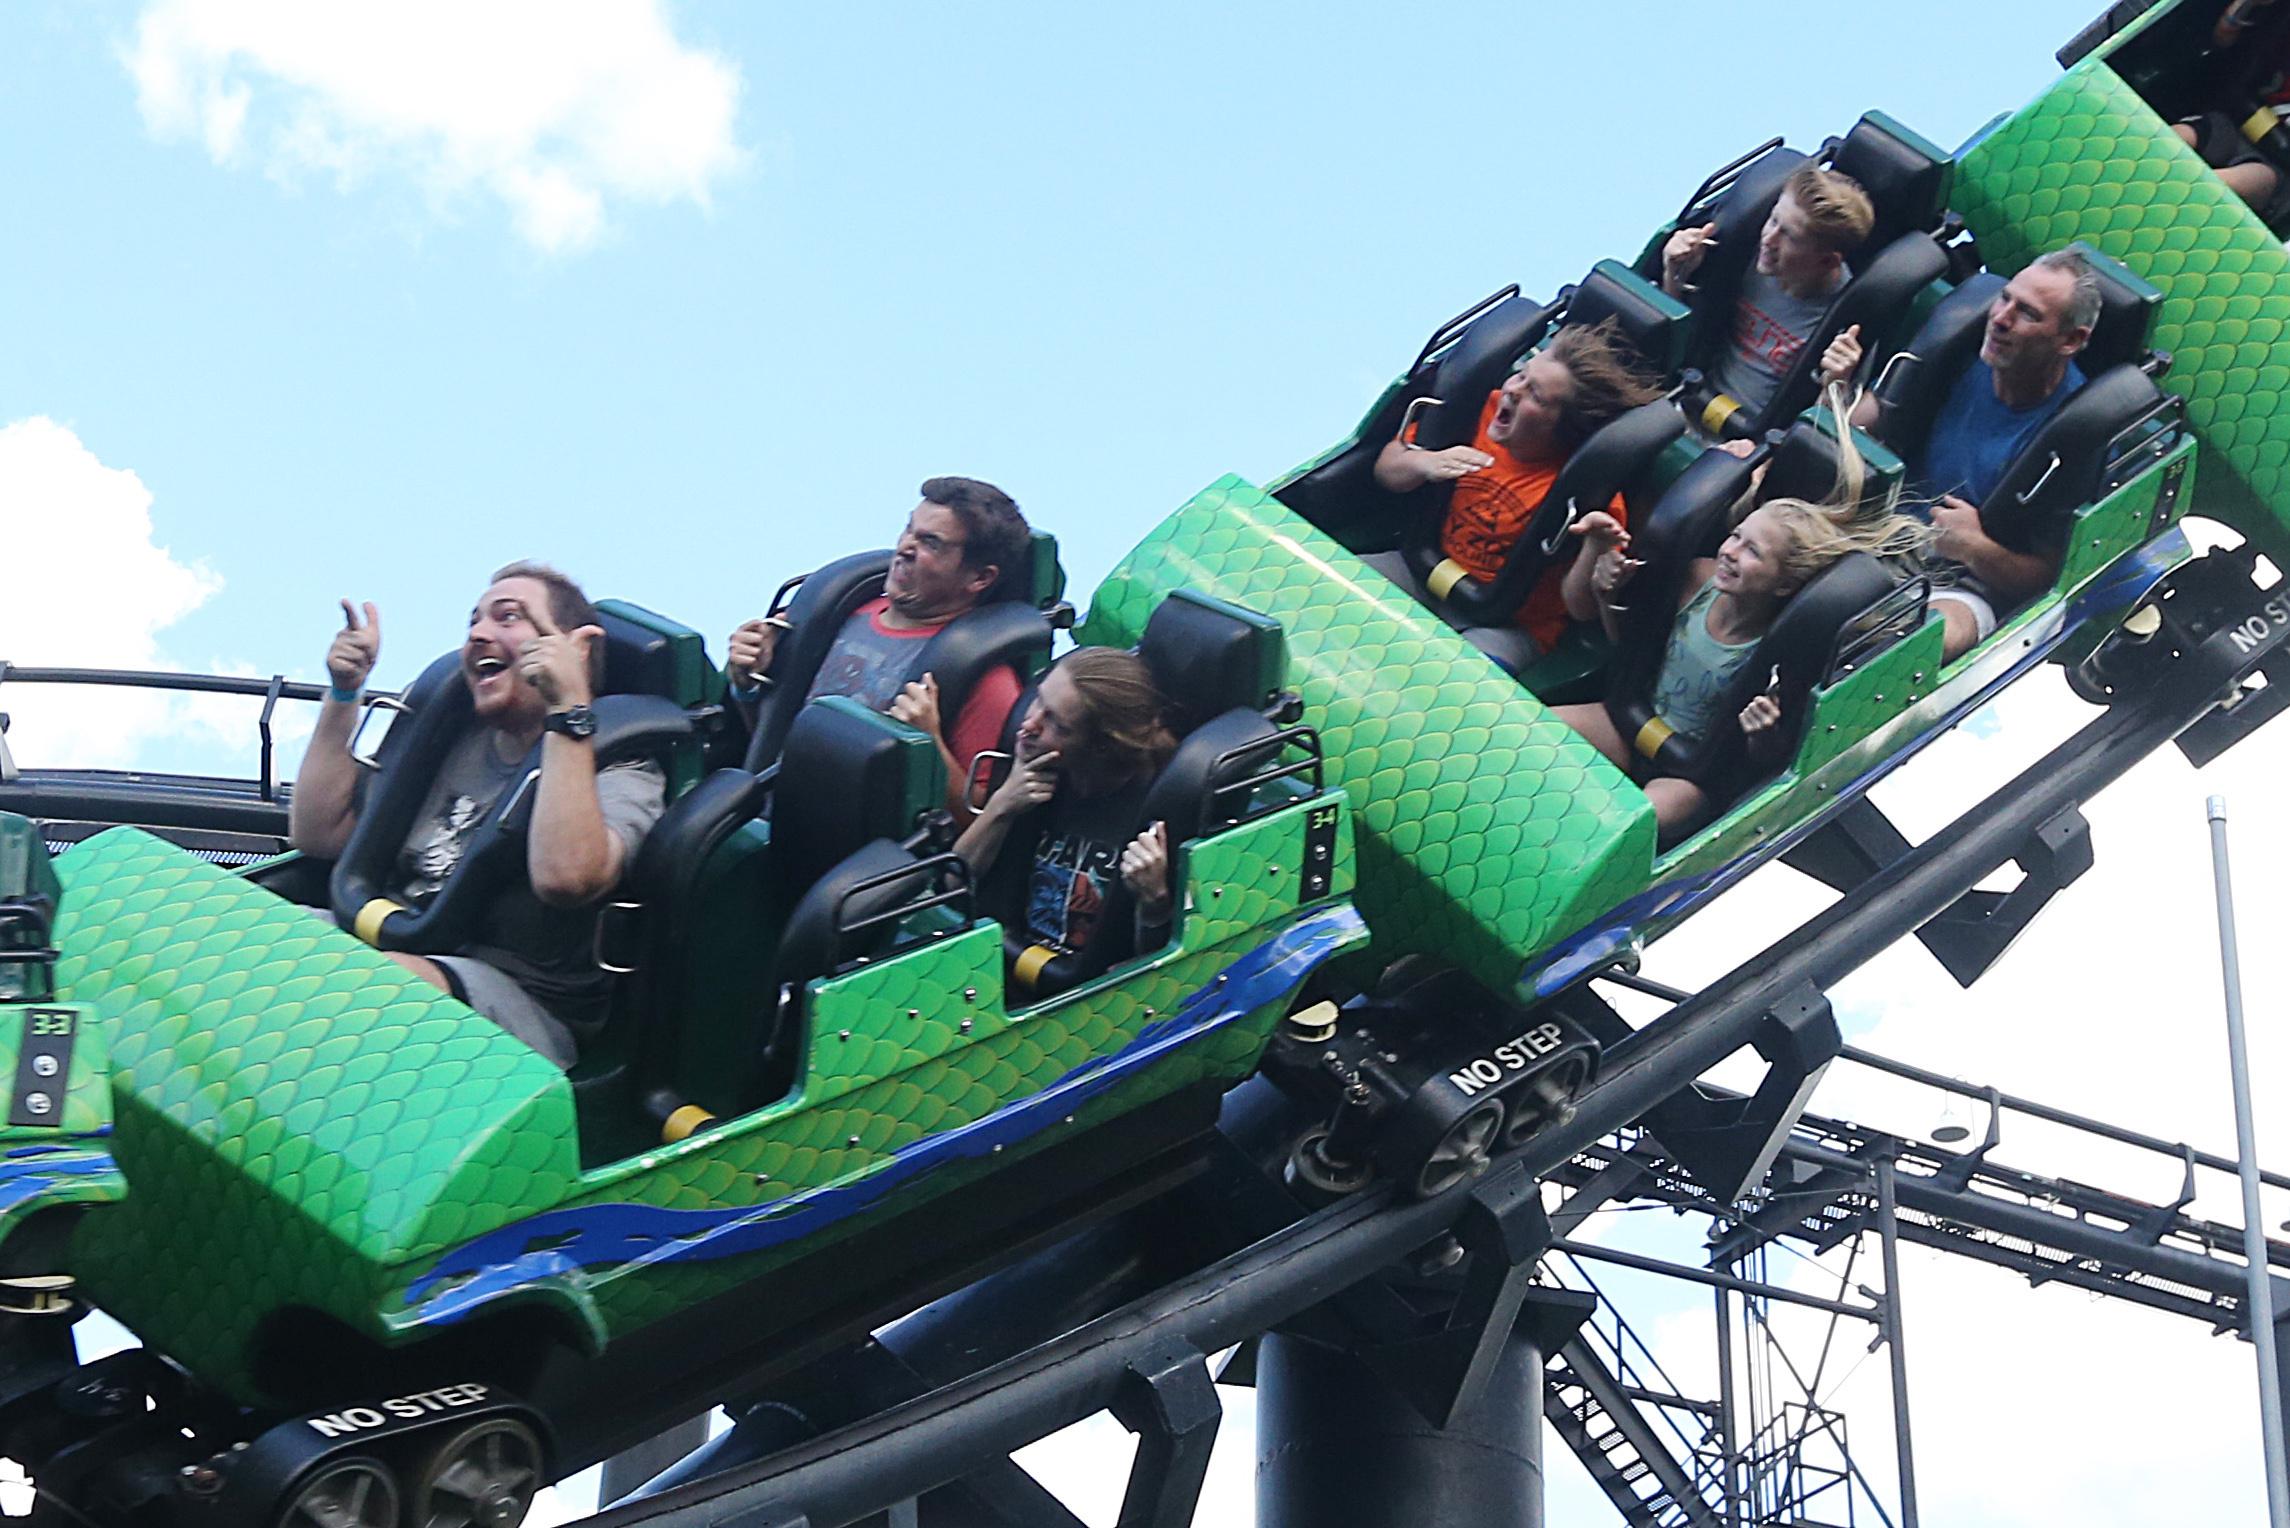 Riders enjoy the Viper at Darien Lake theme park. (Sharon Cantillon/Buffalo News file photo)